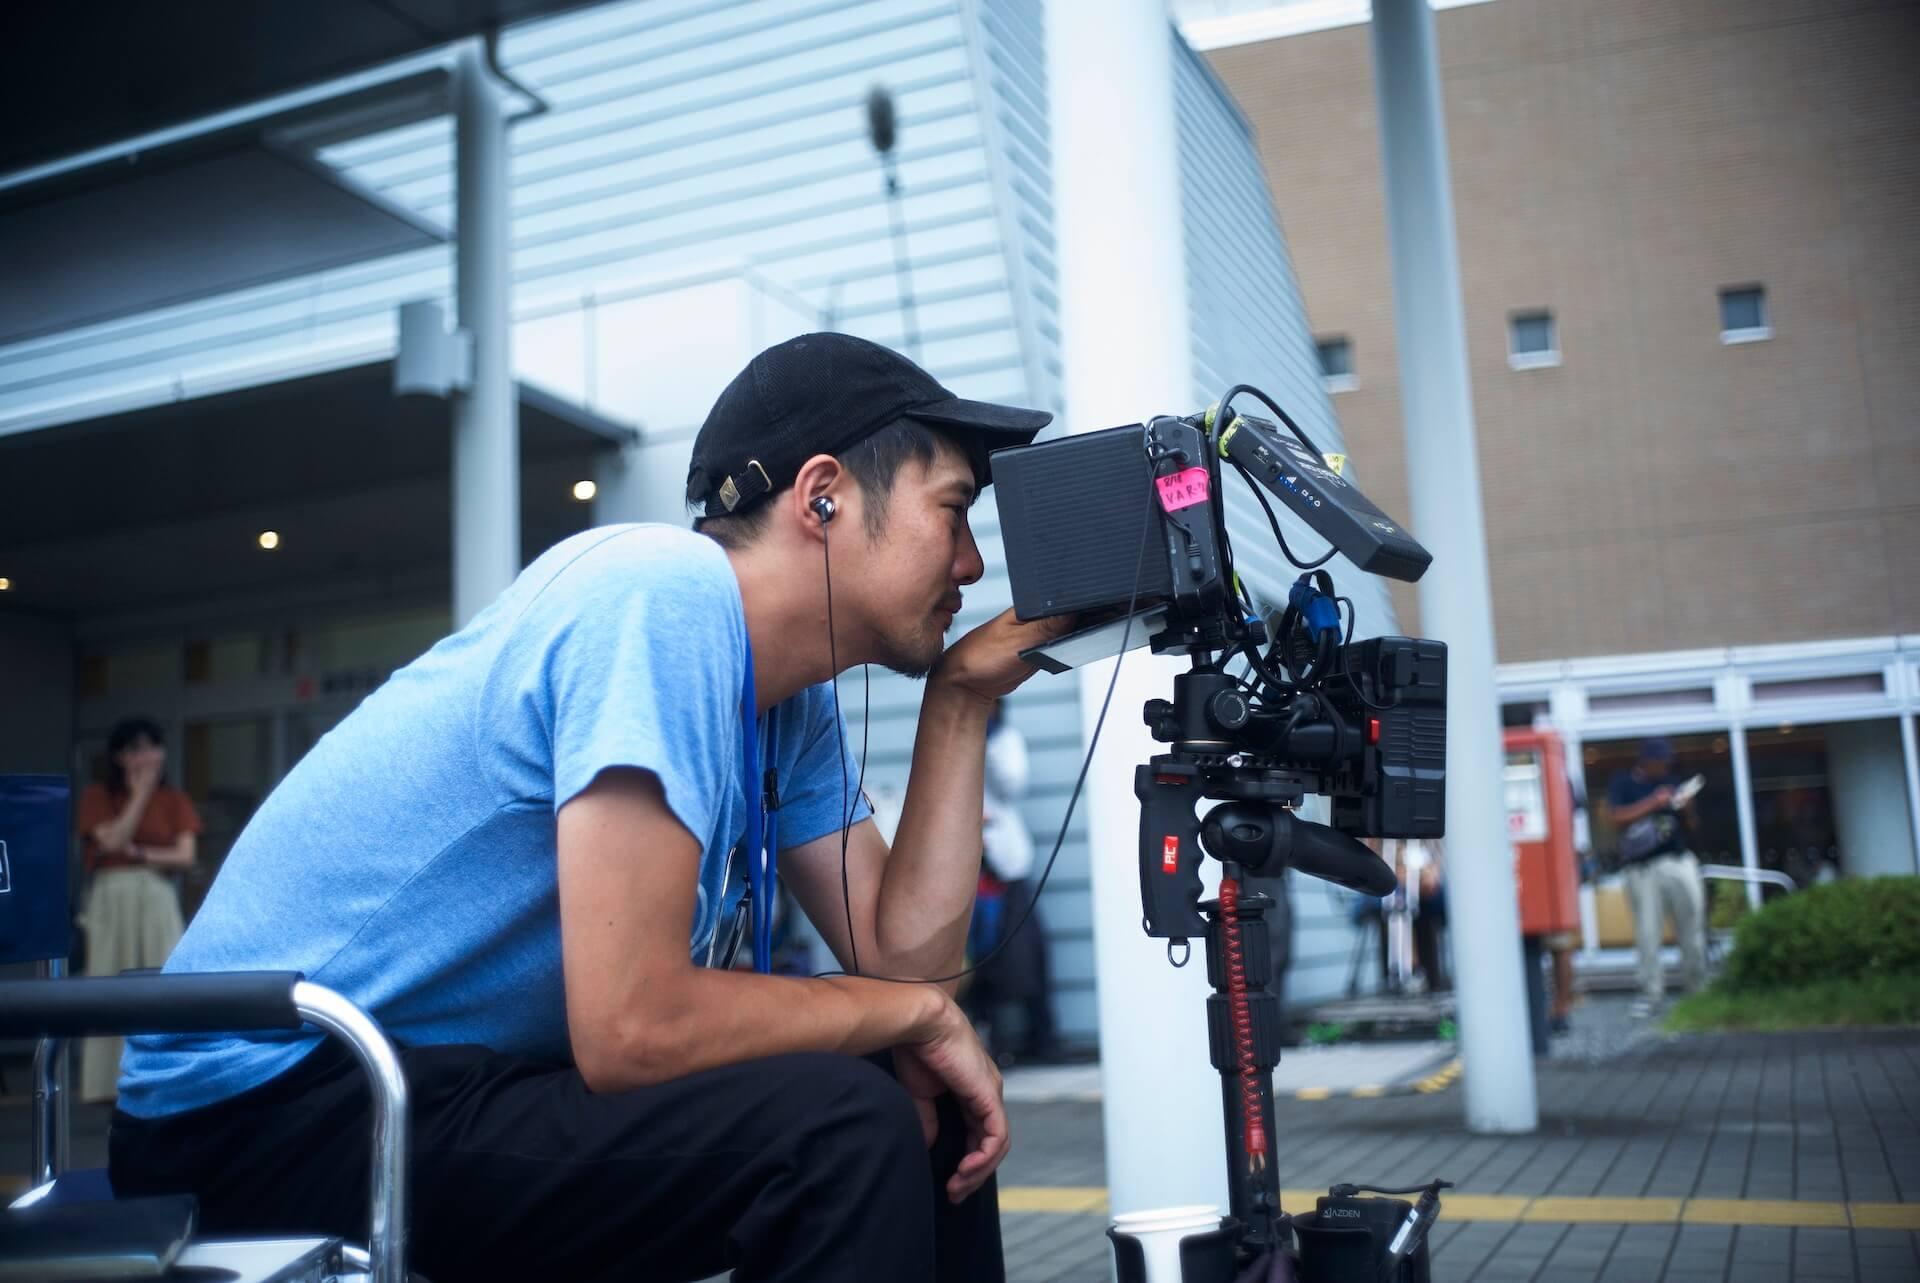 藤井道人監督が最新作『宇宙でいちばんあかるい屋根』に込めた願い「周りの人を理解できる世の中に」 interview200821_fujiimichihito_5